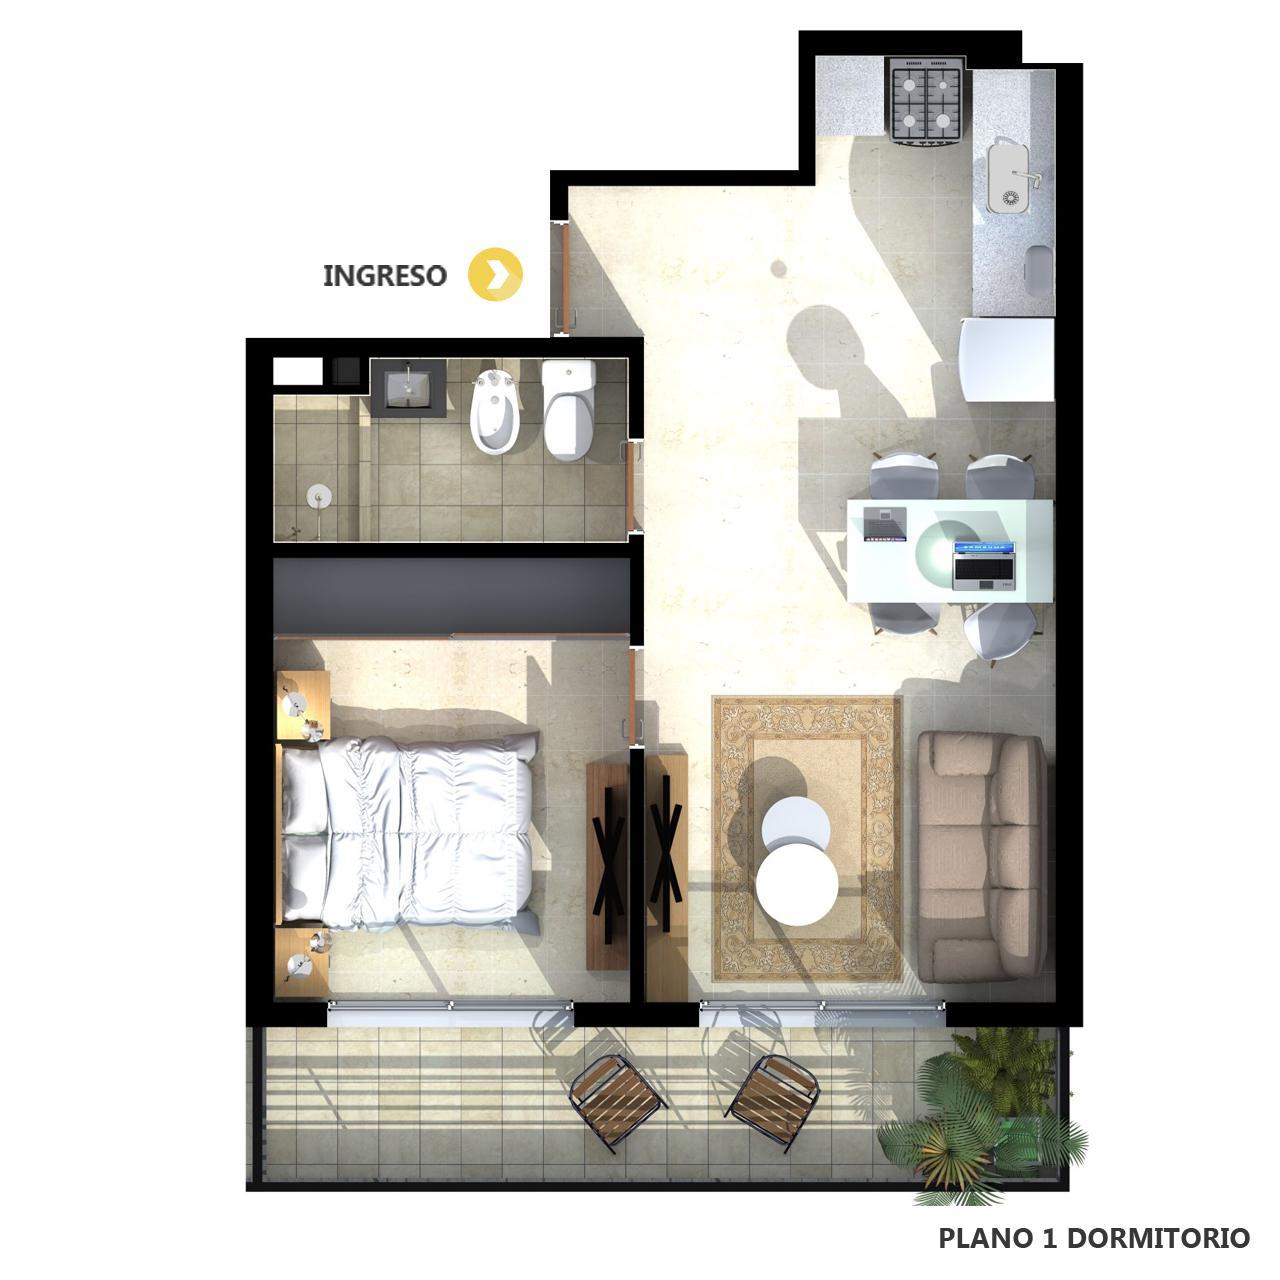 Venta departamento 1 dormitorio Rosario, Parque España. Cod CBU23332 AP2200080. Crestale Propiedades